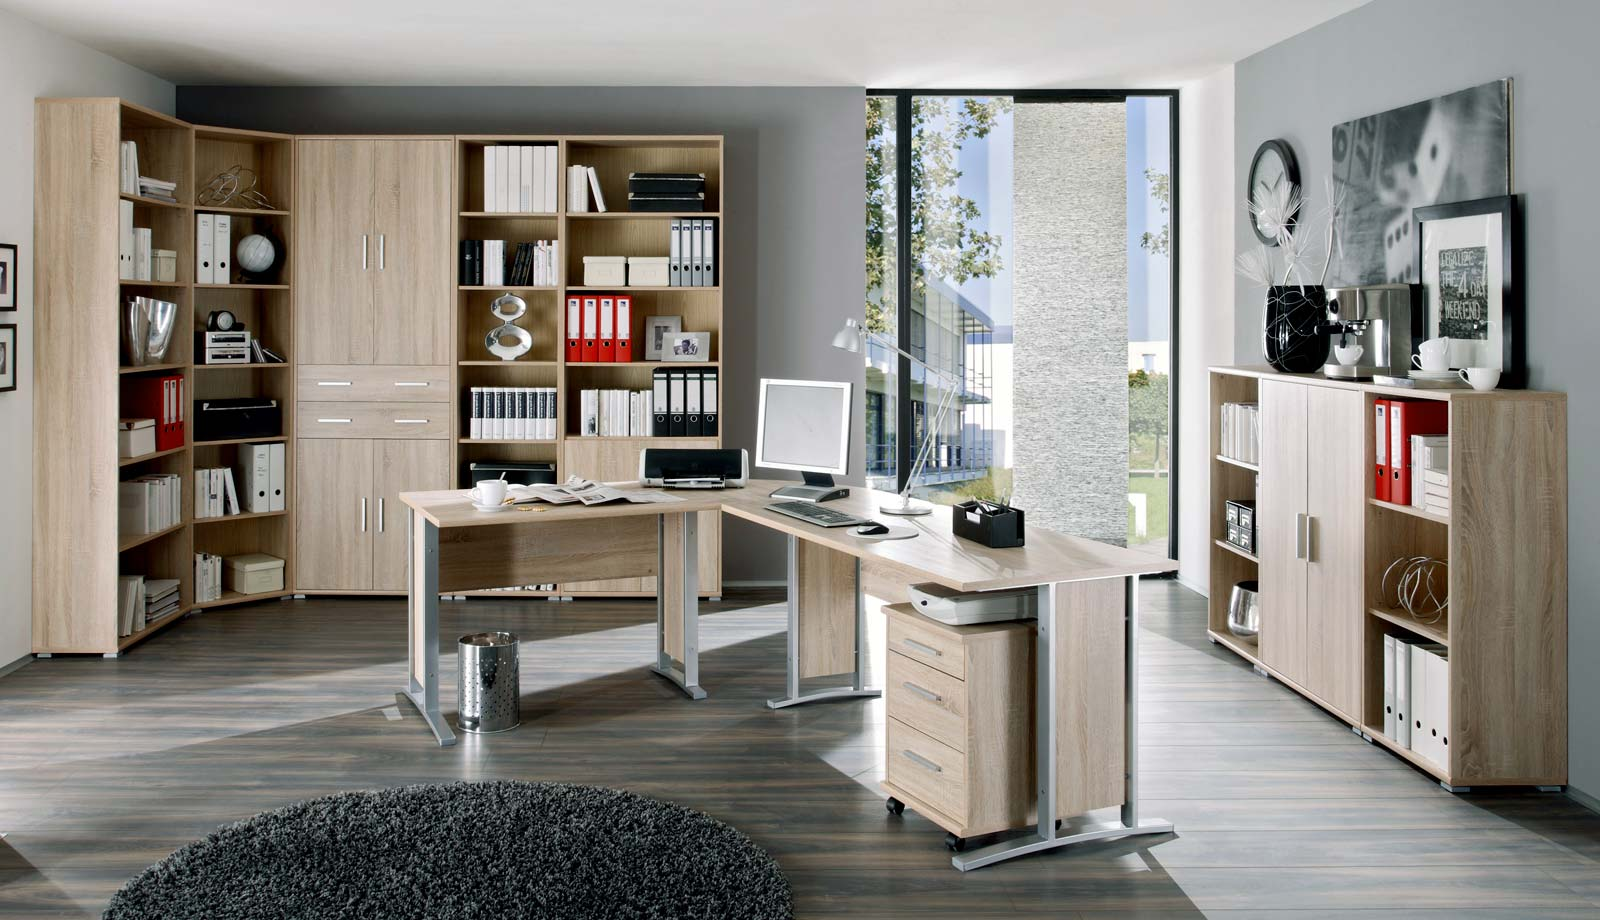 Arbeitszimmer b roeinrichtung b rom bel b ro komplett set office line in eiche ebay - Buro komplett set ...